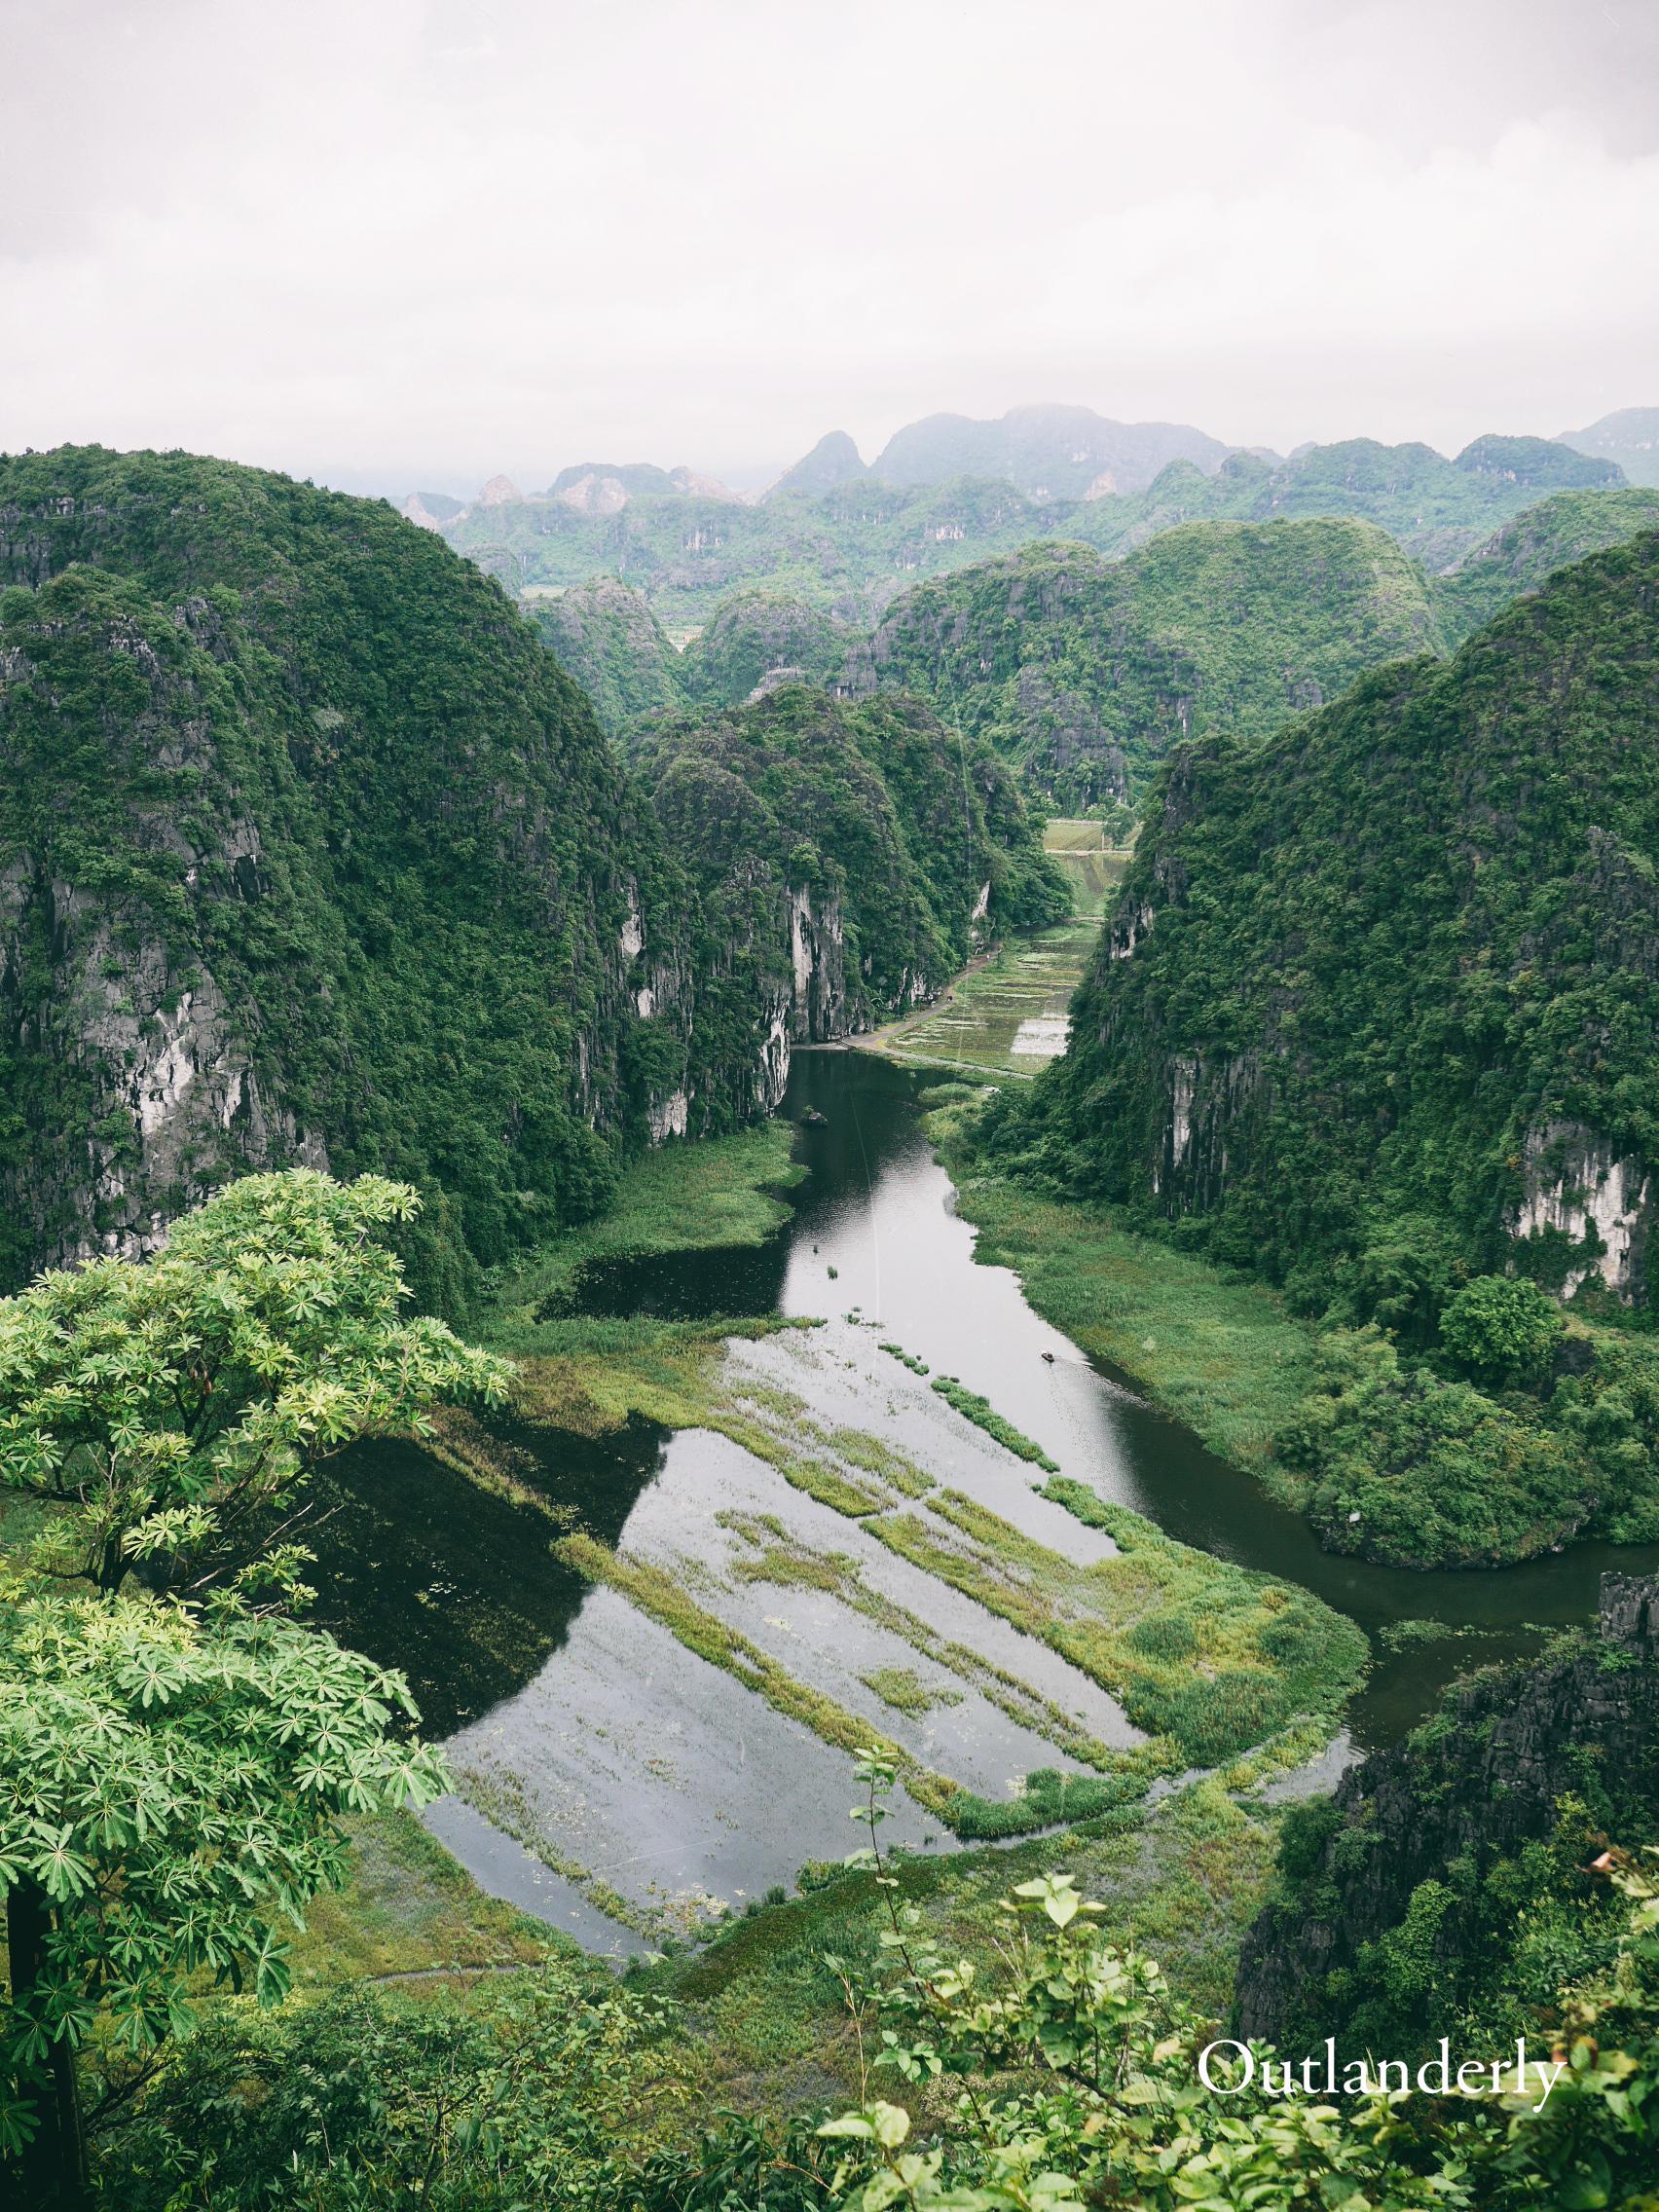 Ninh Binh, Vietnam, Outlanderly, Travel blogger